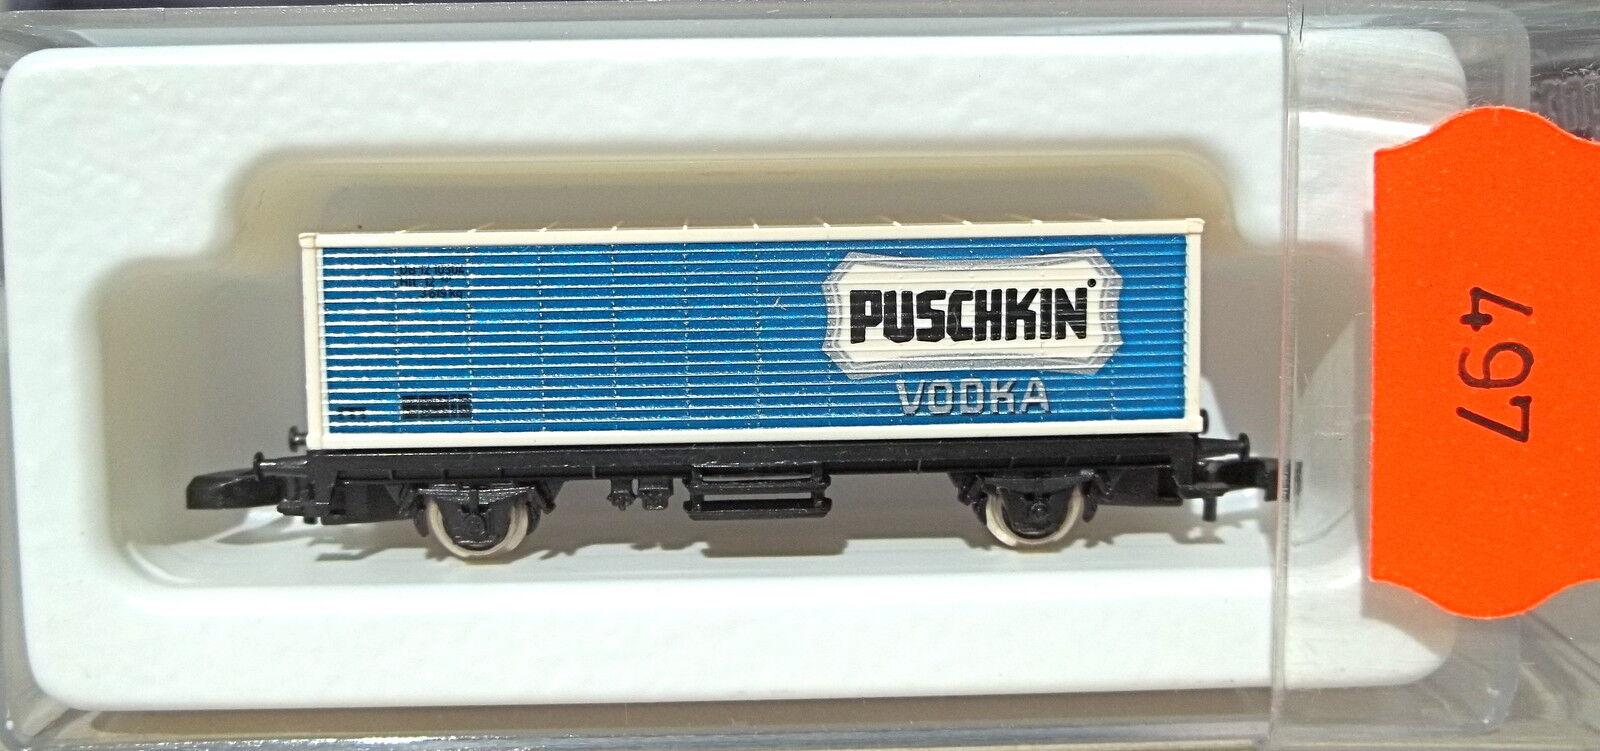 Puskin vodka, container Carrello partire 90001   8615 Z 1/220 * 497 *